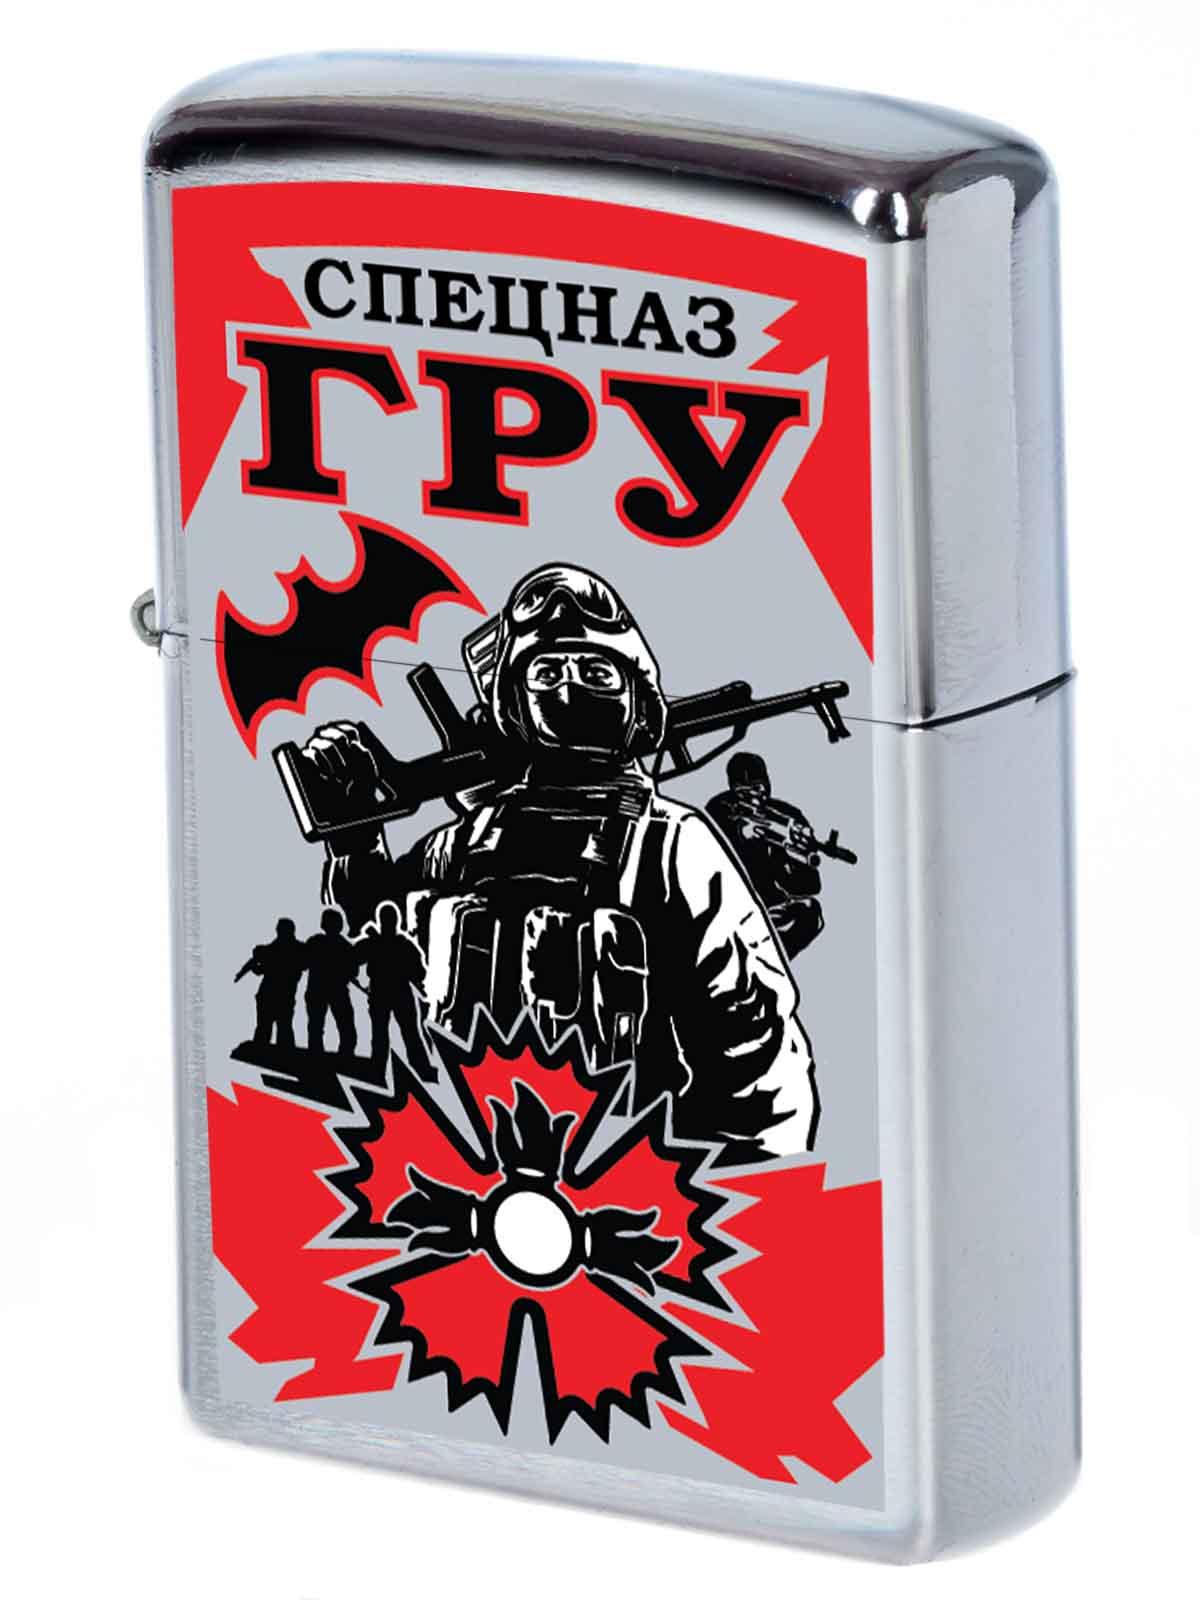 Бензиновая зажигалка Спецназ ГРУ